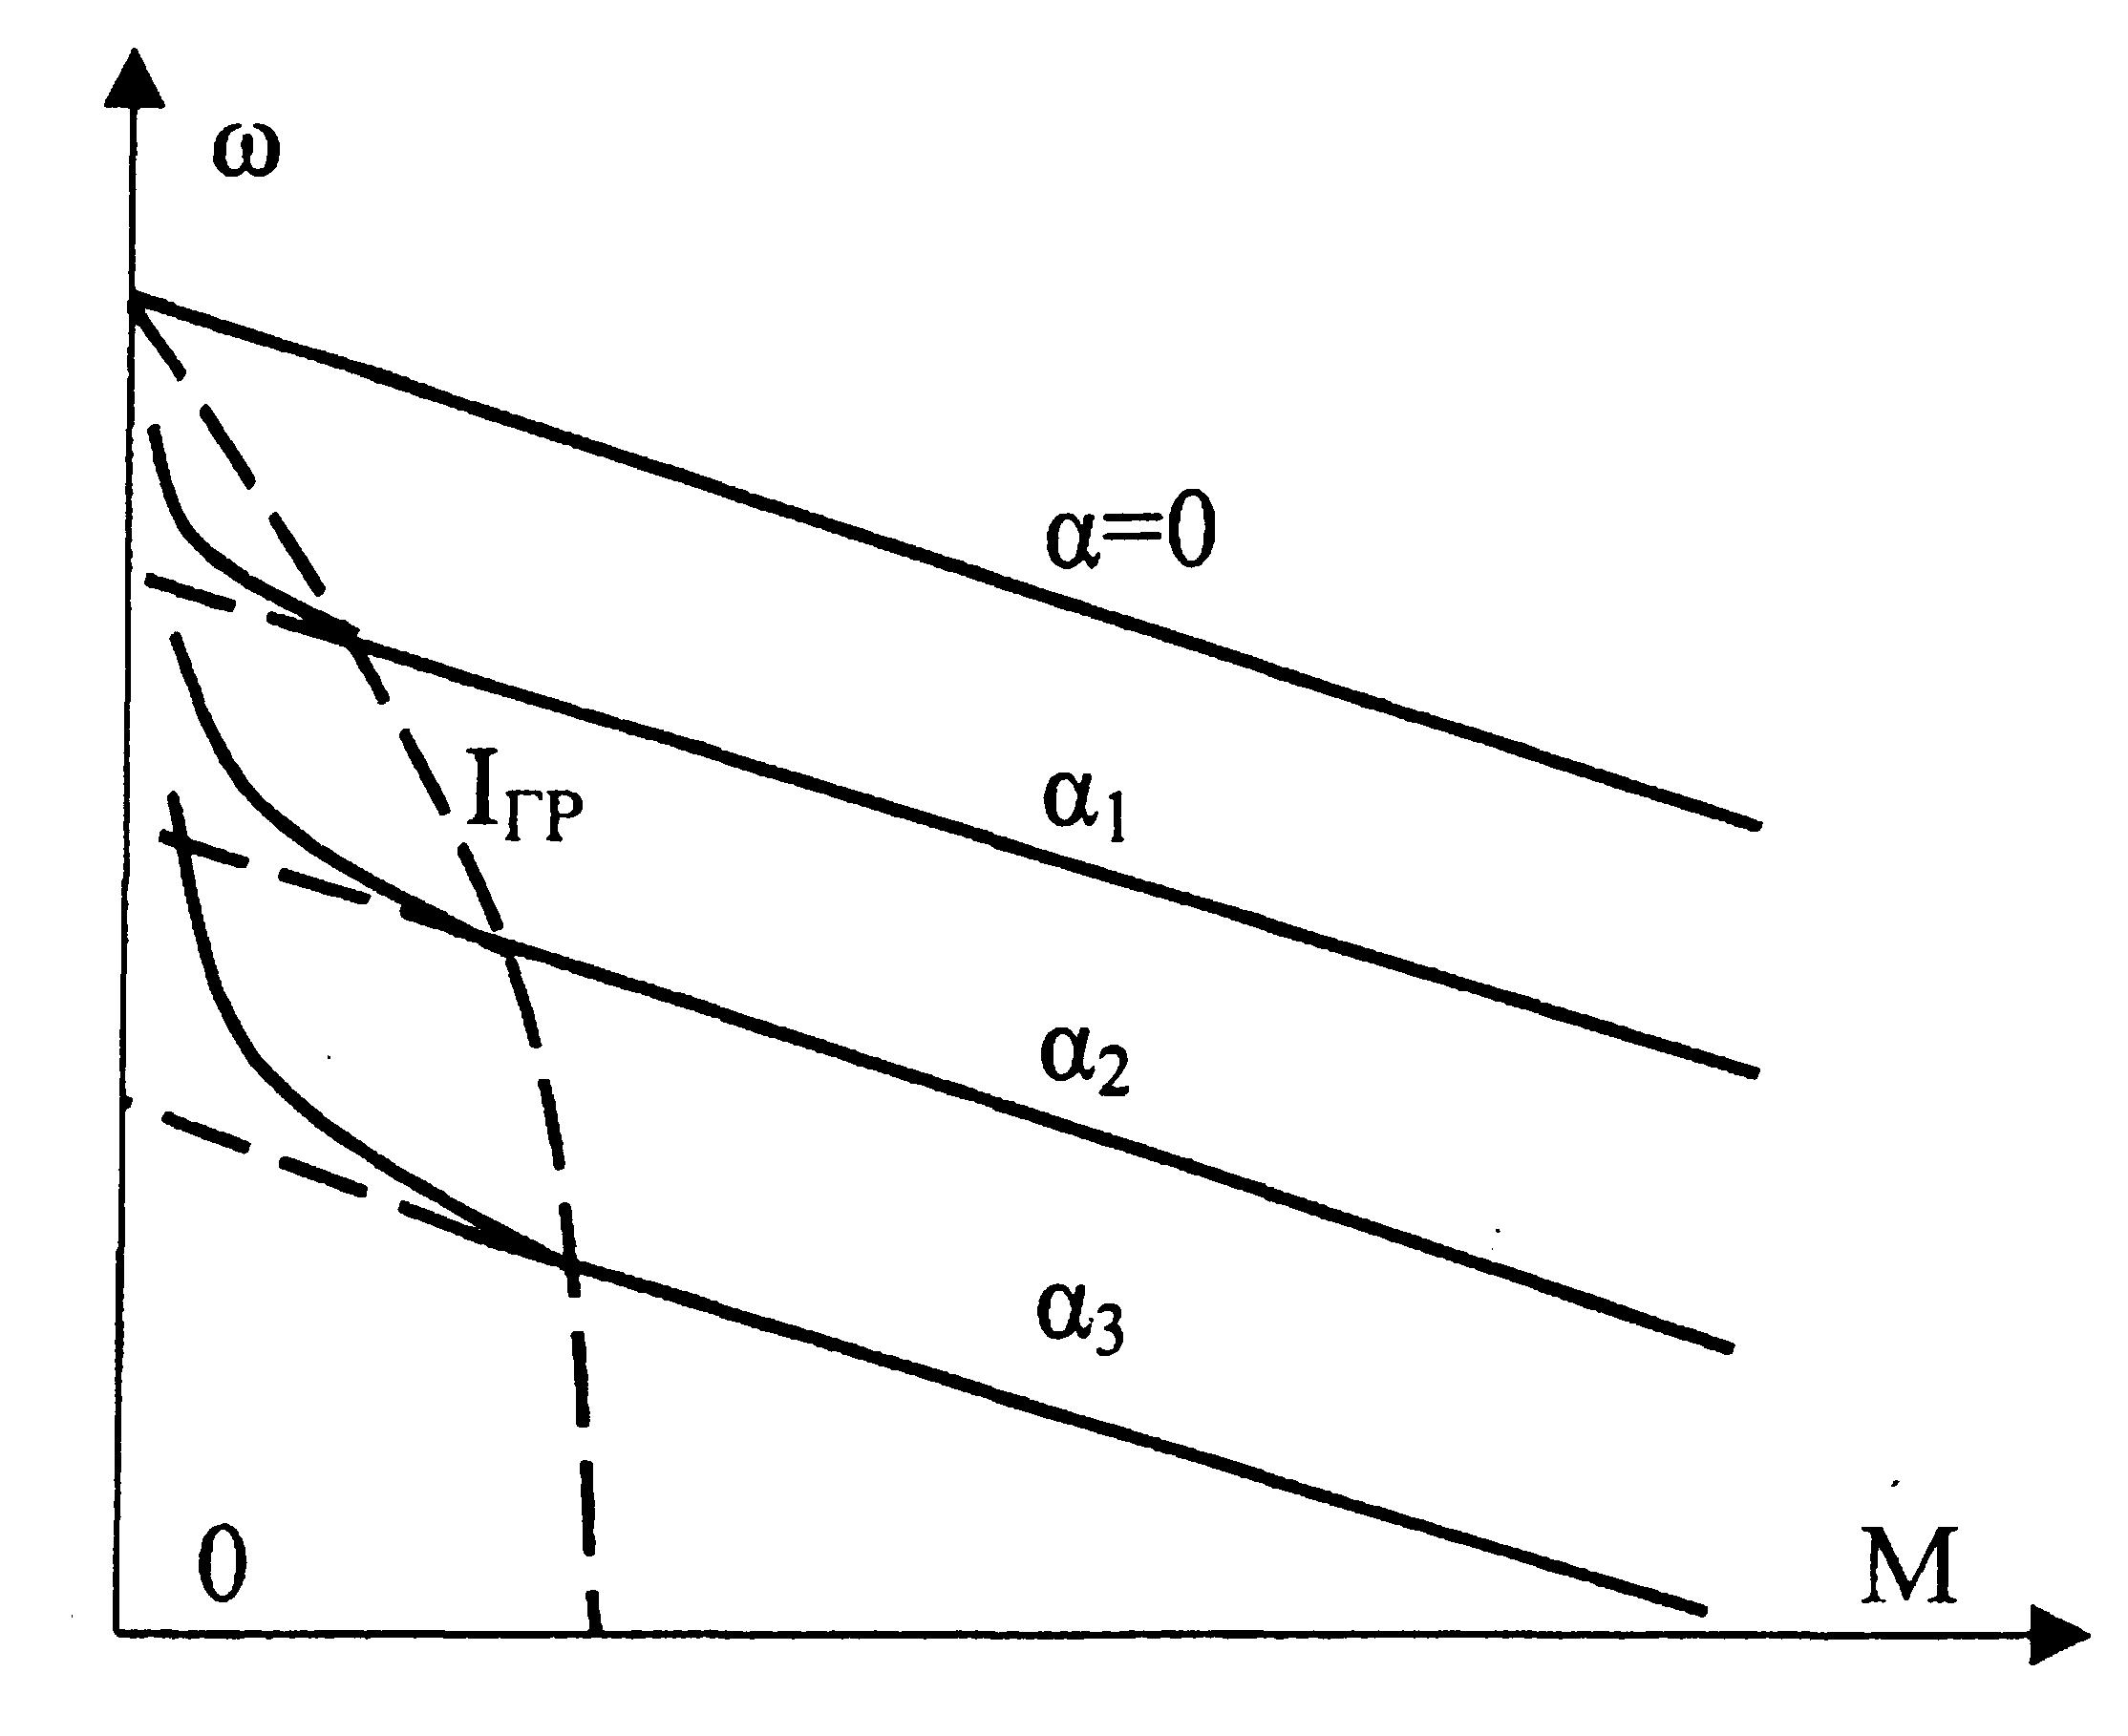 реверсная схема электродвигателя постоянного тока